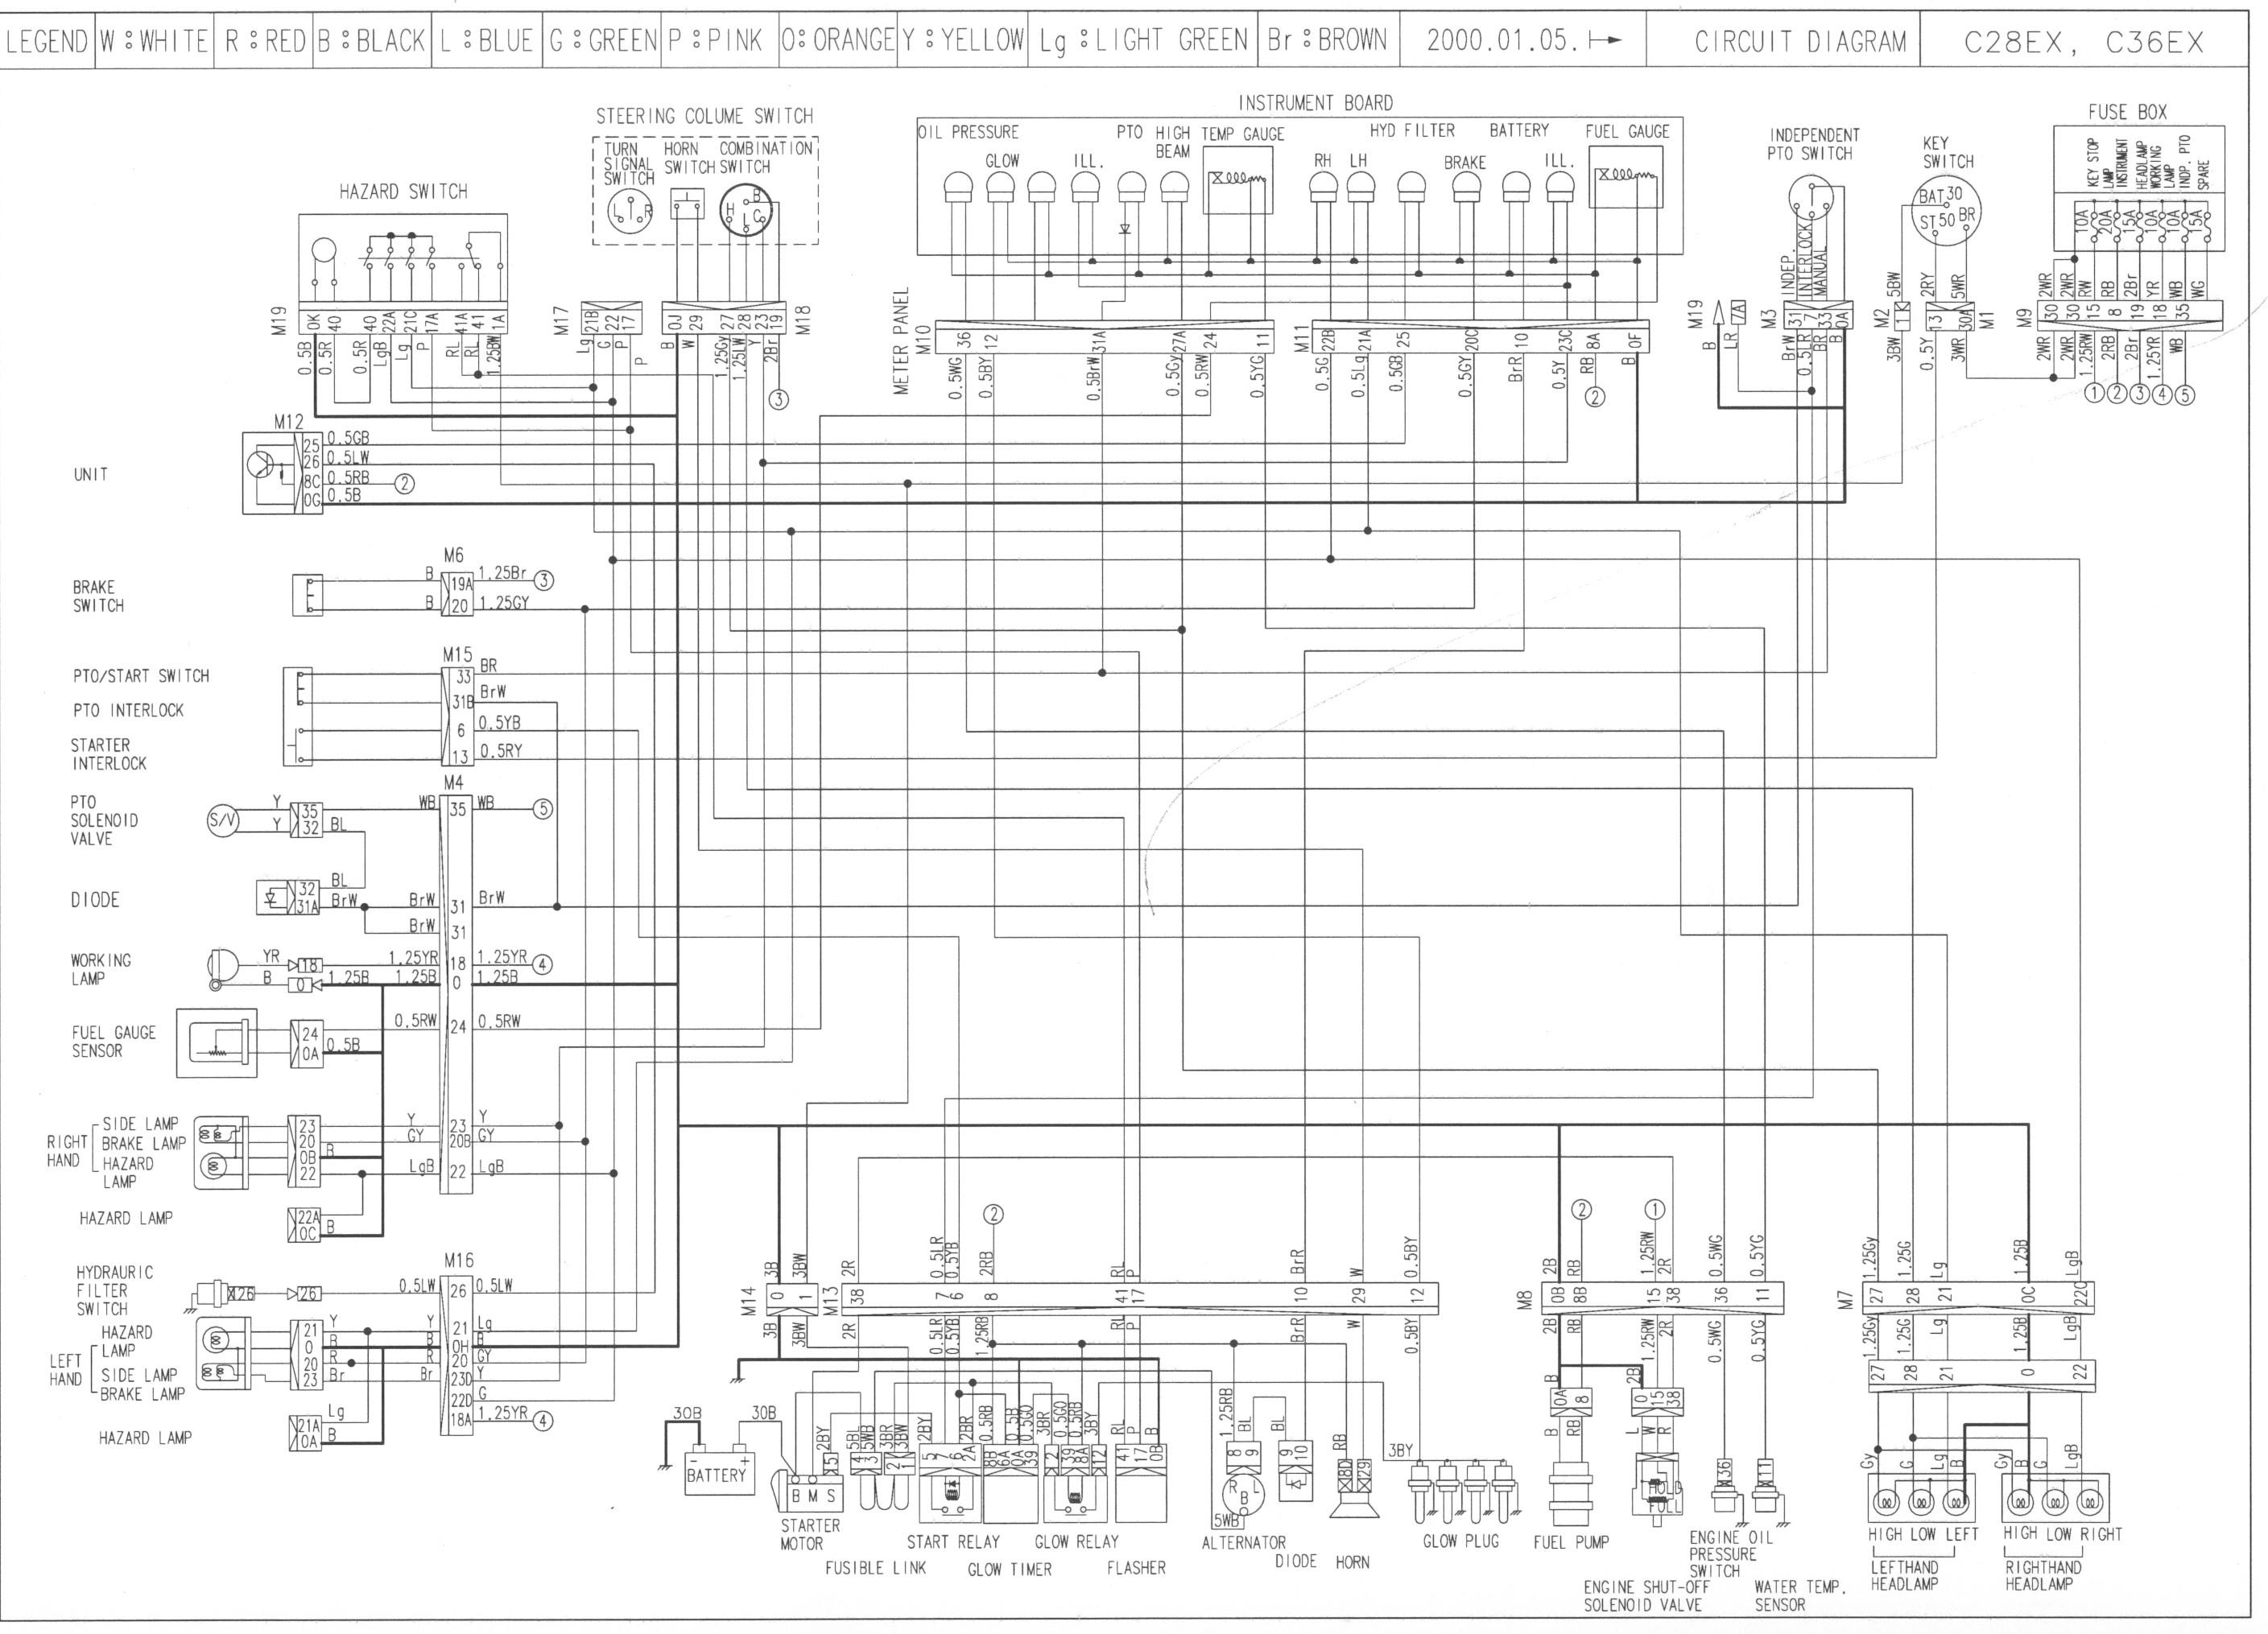 [SCHEMATICS_48ZD]  EY_5690] Viking 6101 Solenoid Wiring Diagram Free Diagram | Viking 2000a Intercom Wiring Diagram |  | Simij Penghe Mohammedshrine Librar Wiring 101